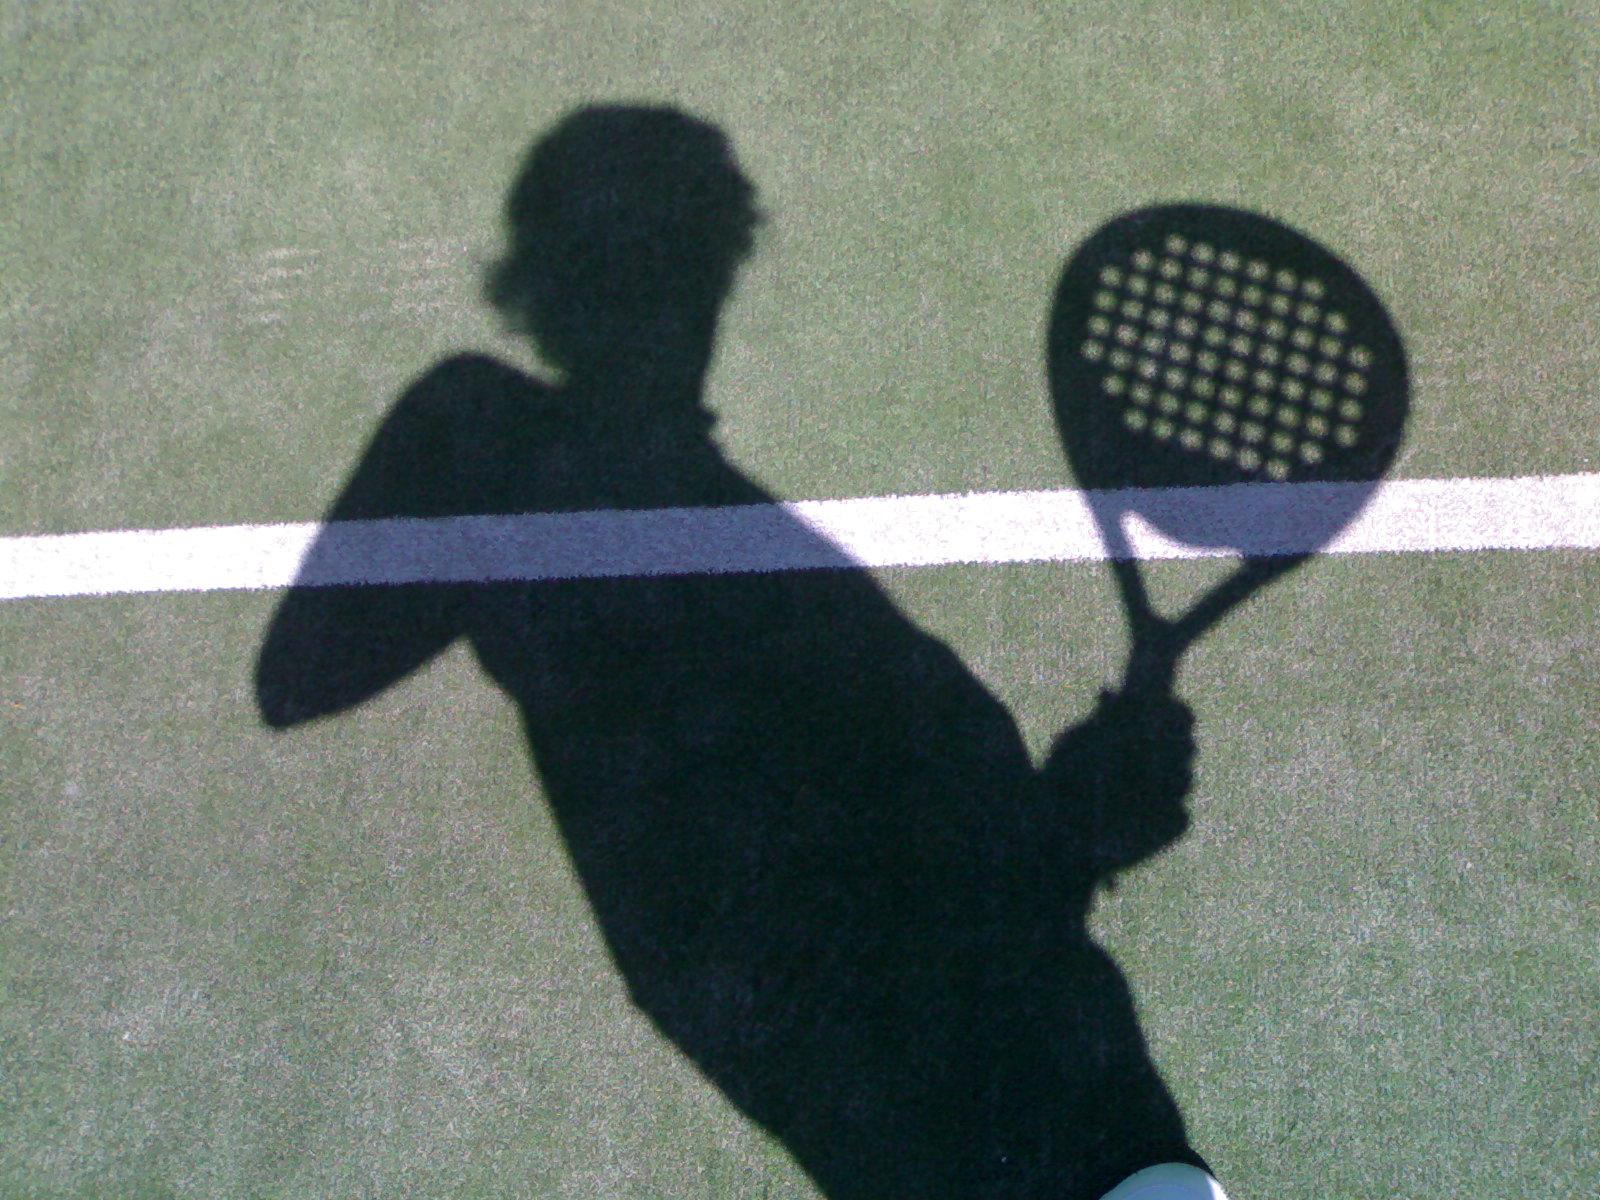 Ya estamos organizando las clases de tenis y padel de la temporada 2010-2011. La zona que más demanda tiene es la de Pozuelo, Aravaca y Valdemarin. Por eso hemos reforzado […]